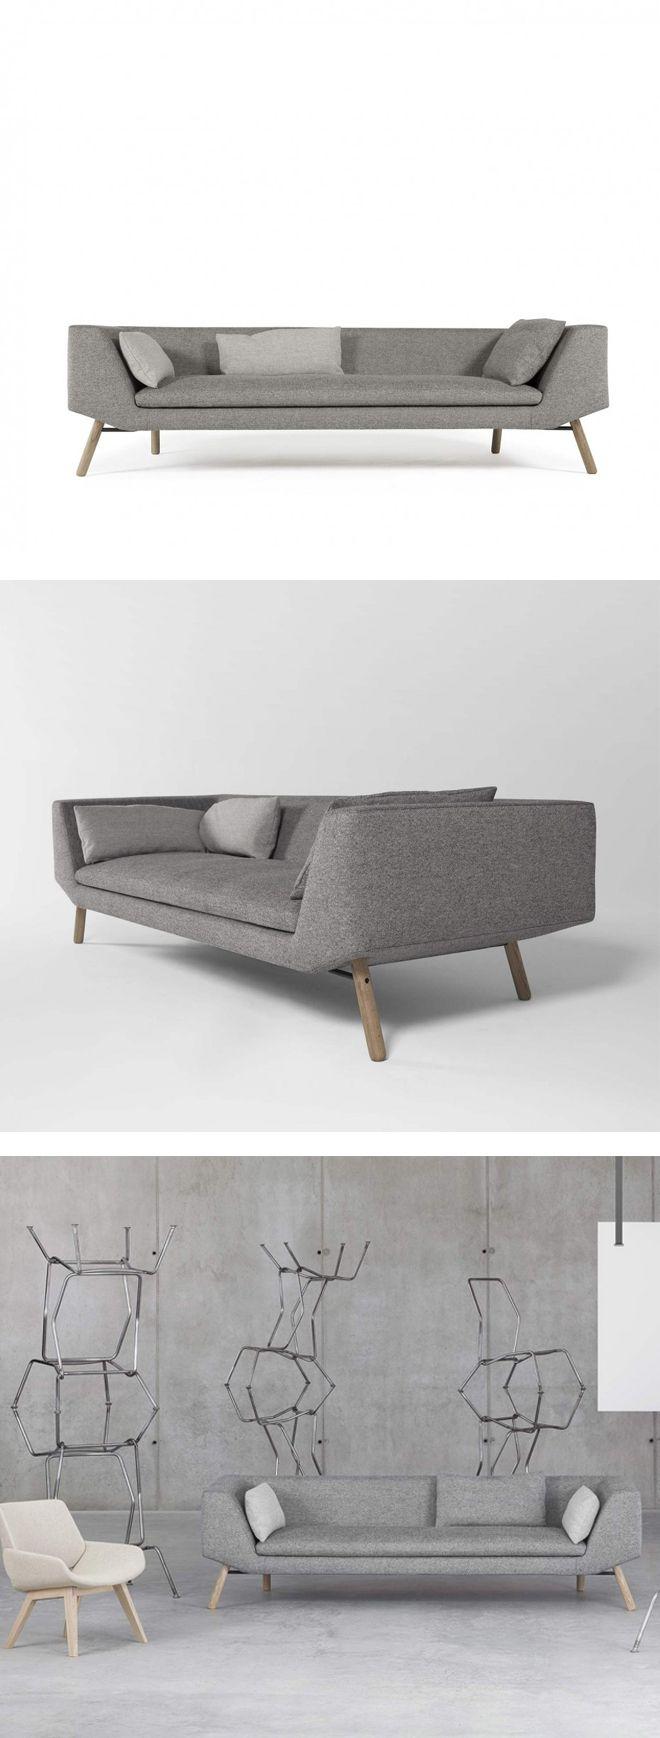 76 best sofas. Black Bedroom Furniture Sets. Home Design Ideas